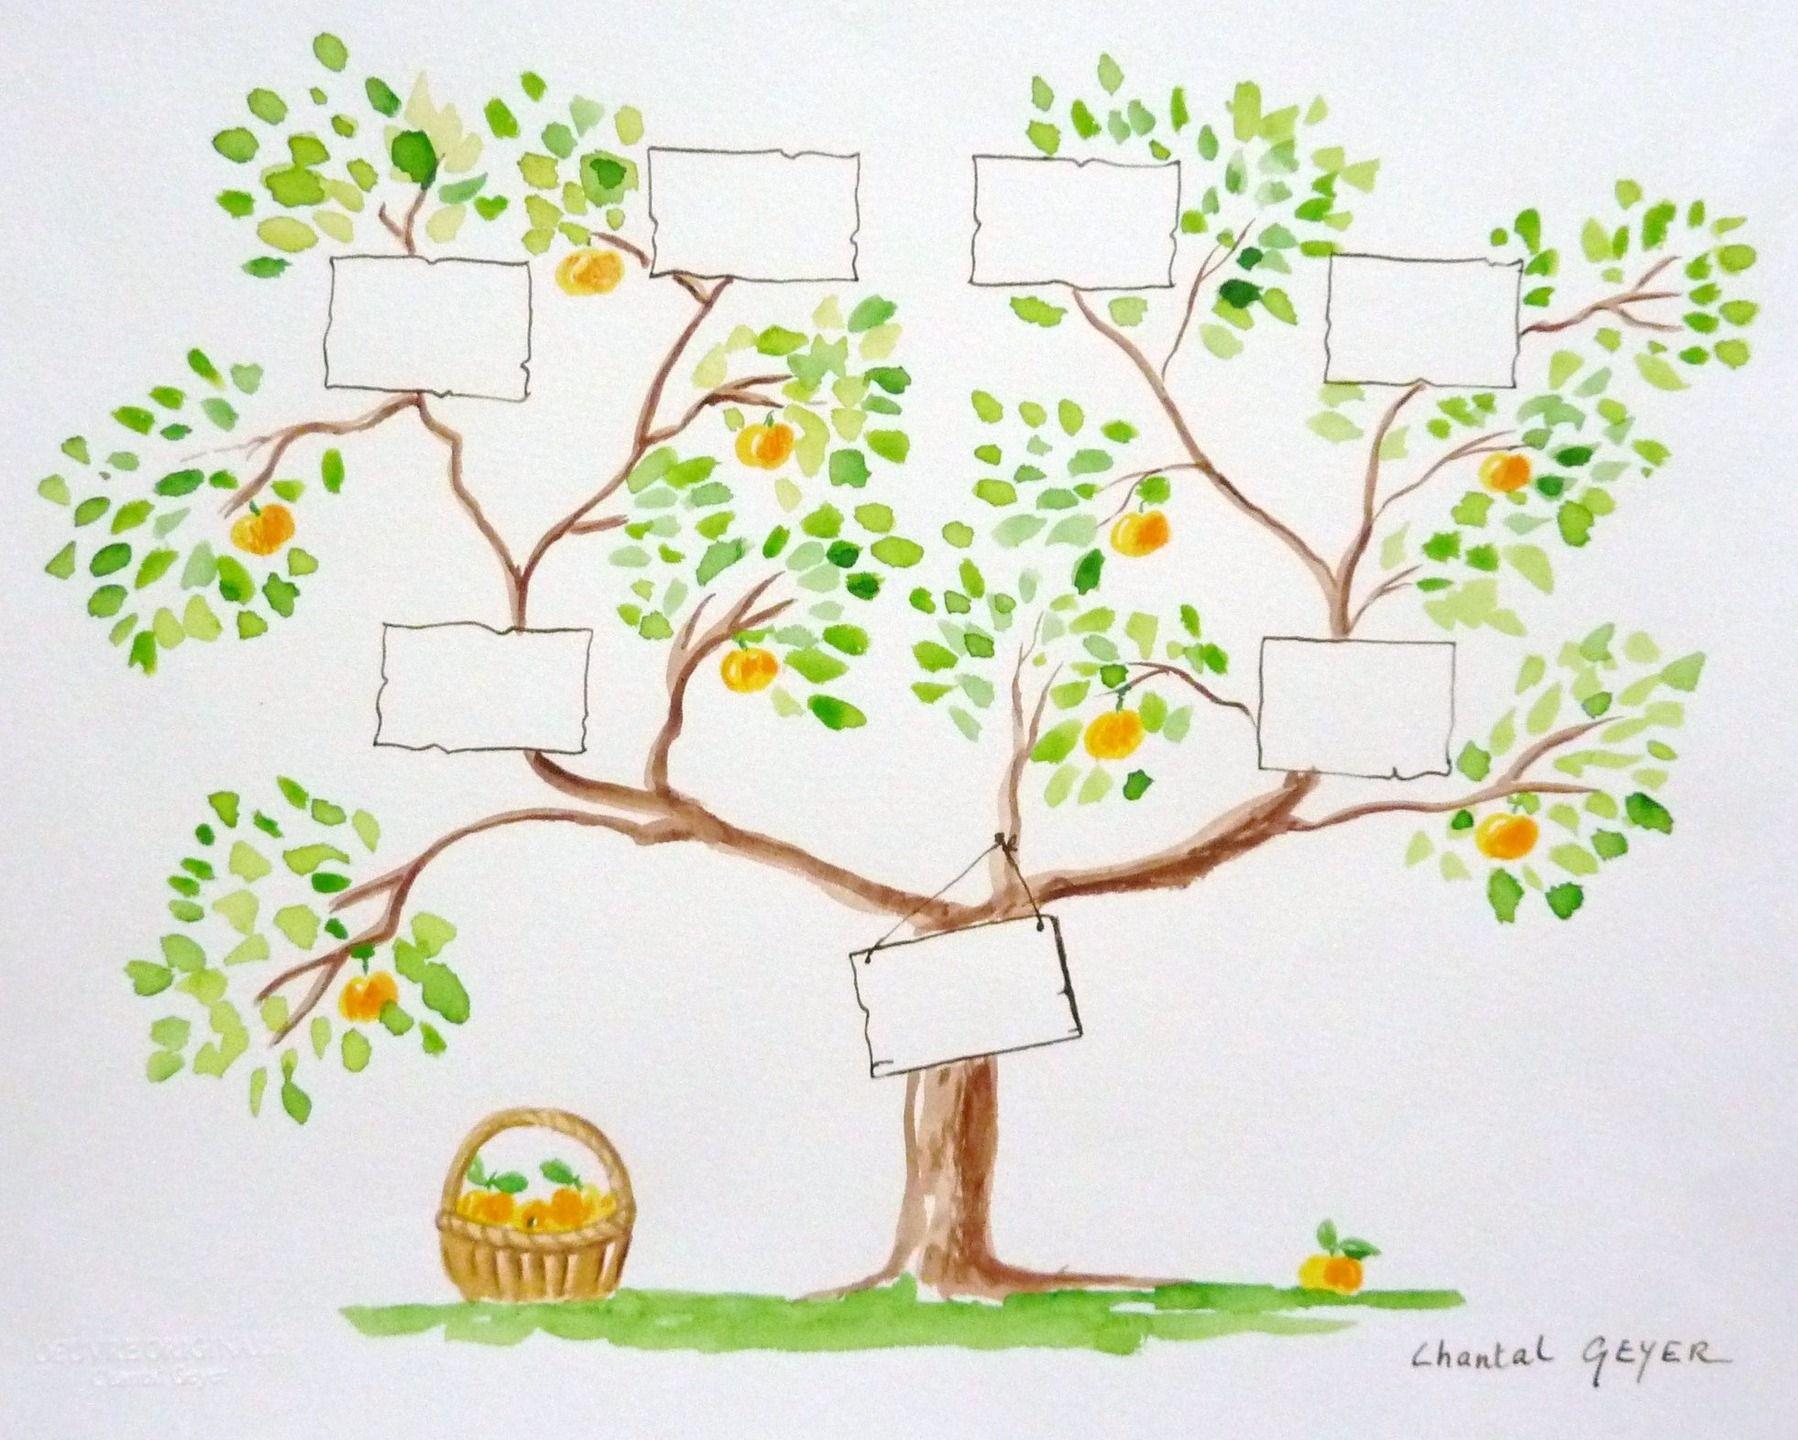 Arbre Genealogique A Remplir 3 Generations Ascendantes Arbre